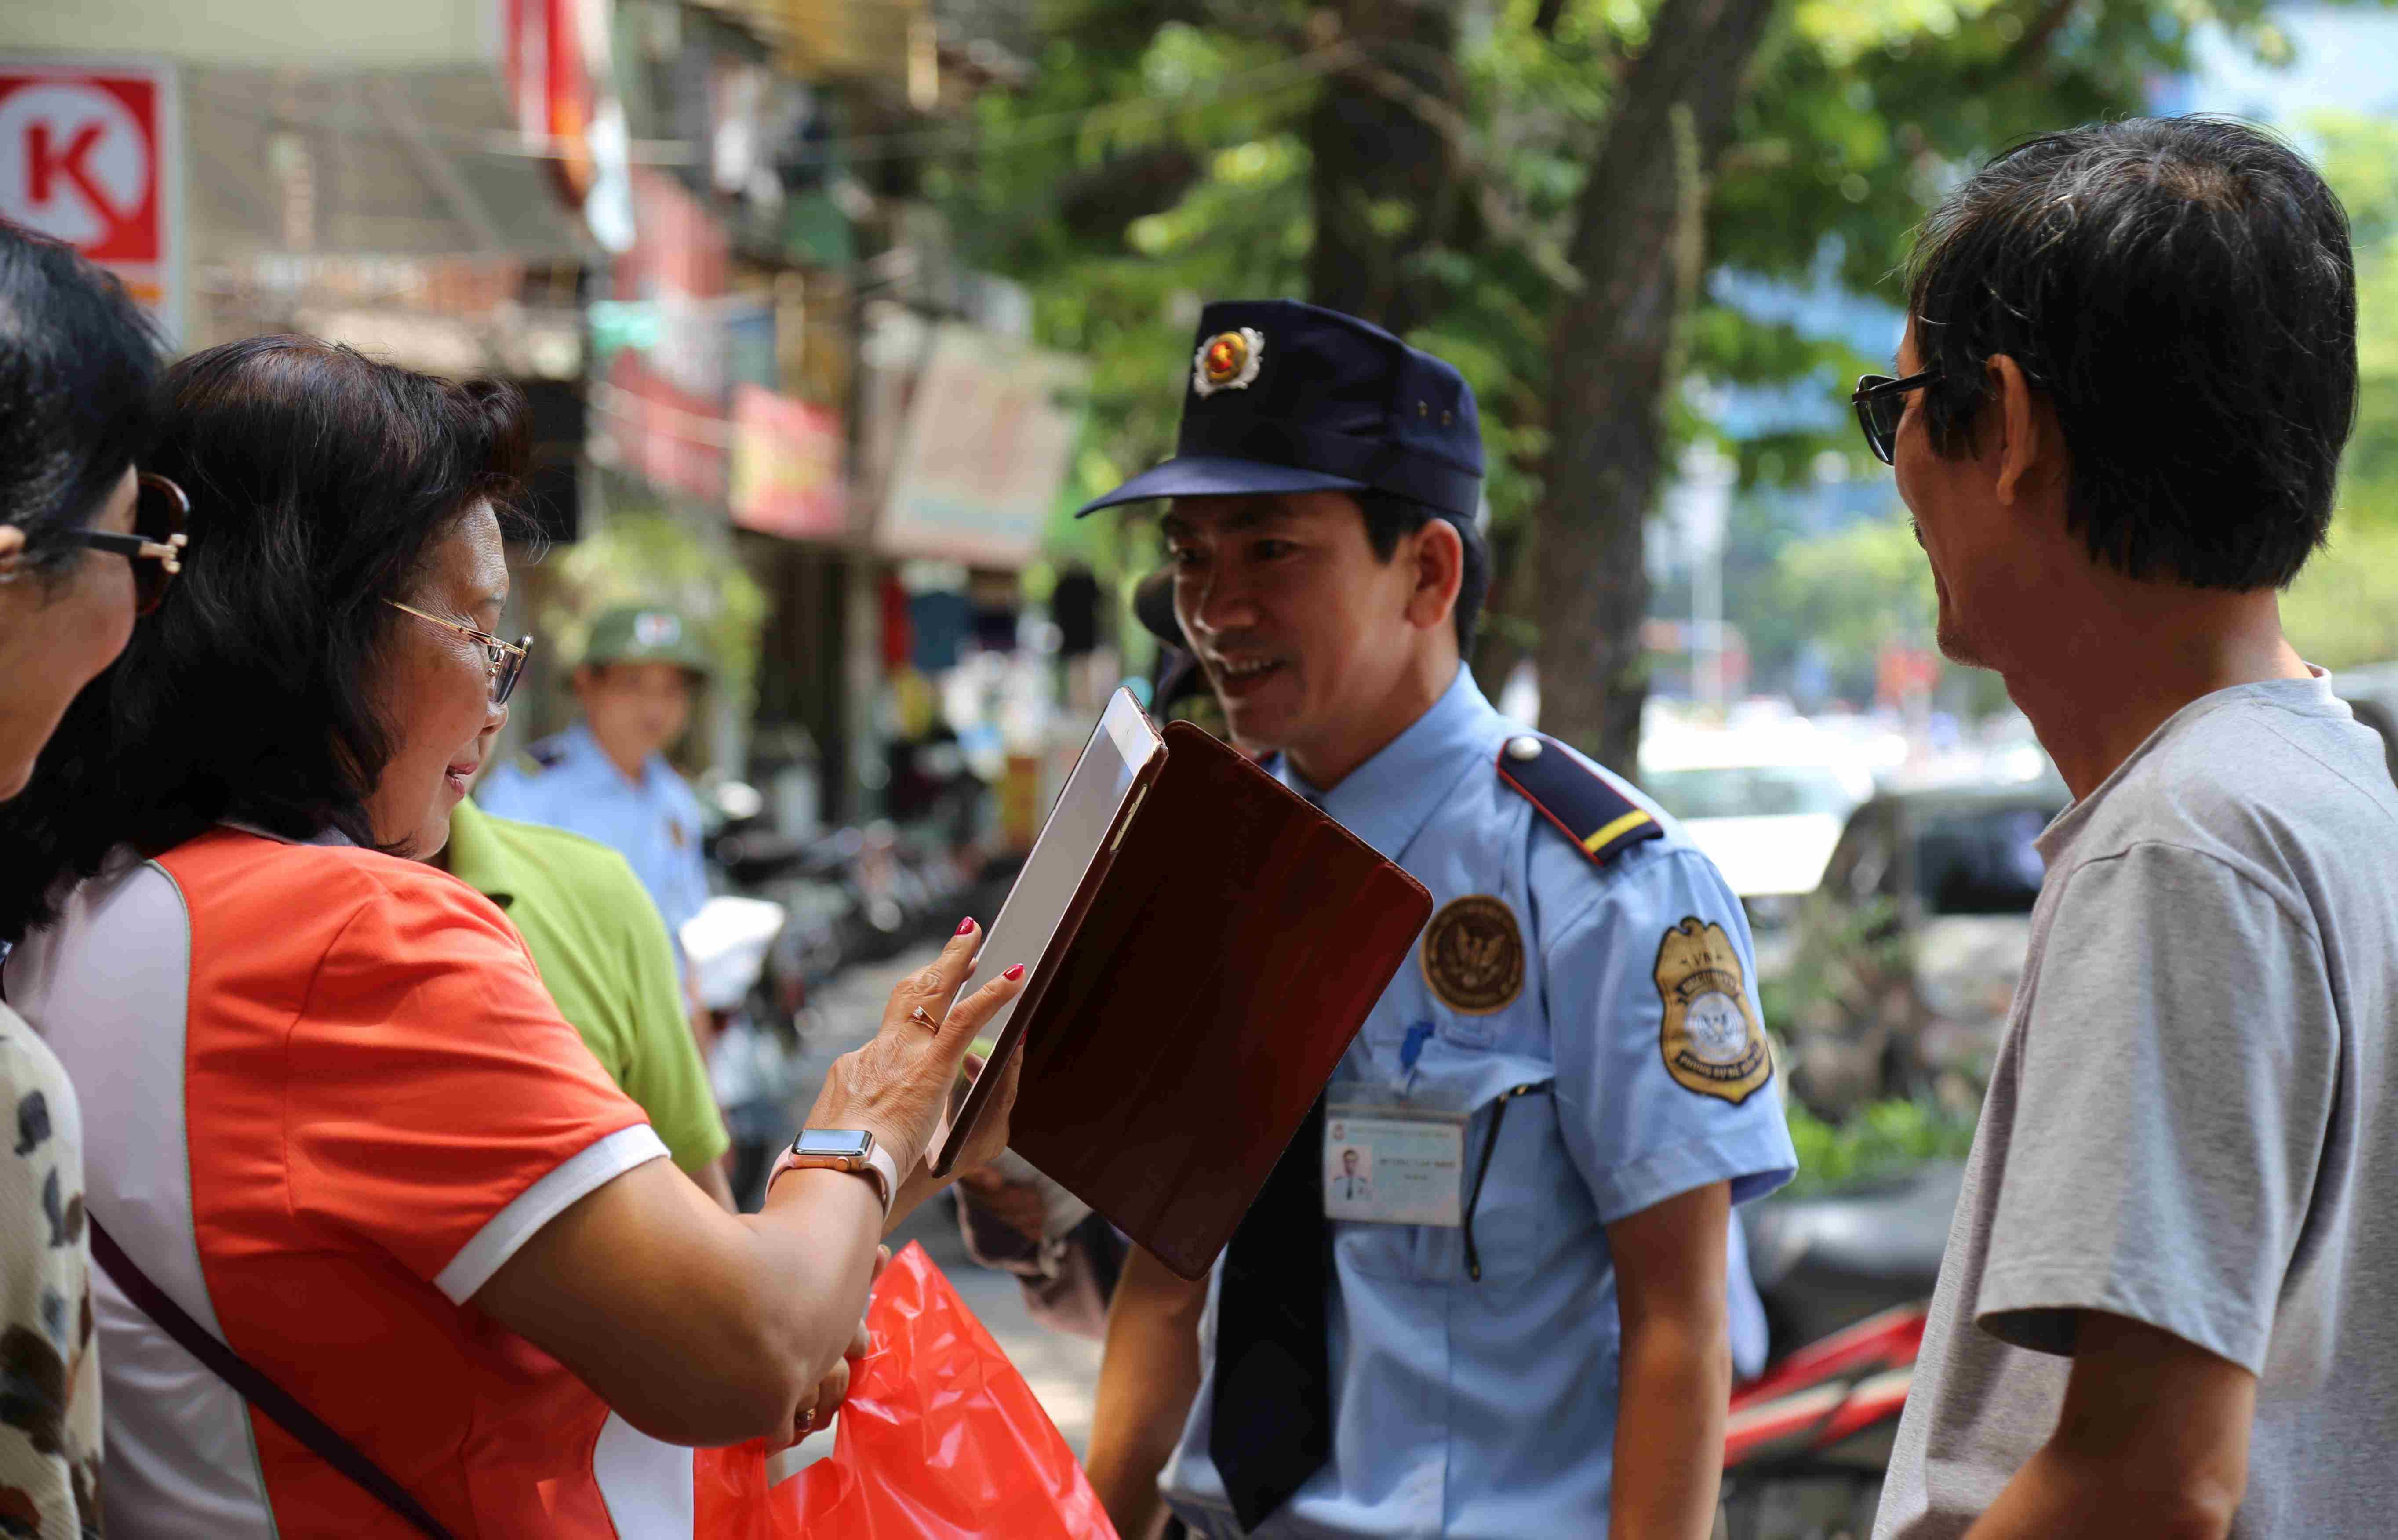 Nhiệm vụ của nhân viên bảo vệ trường học